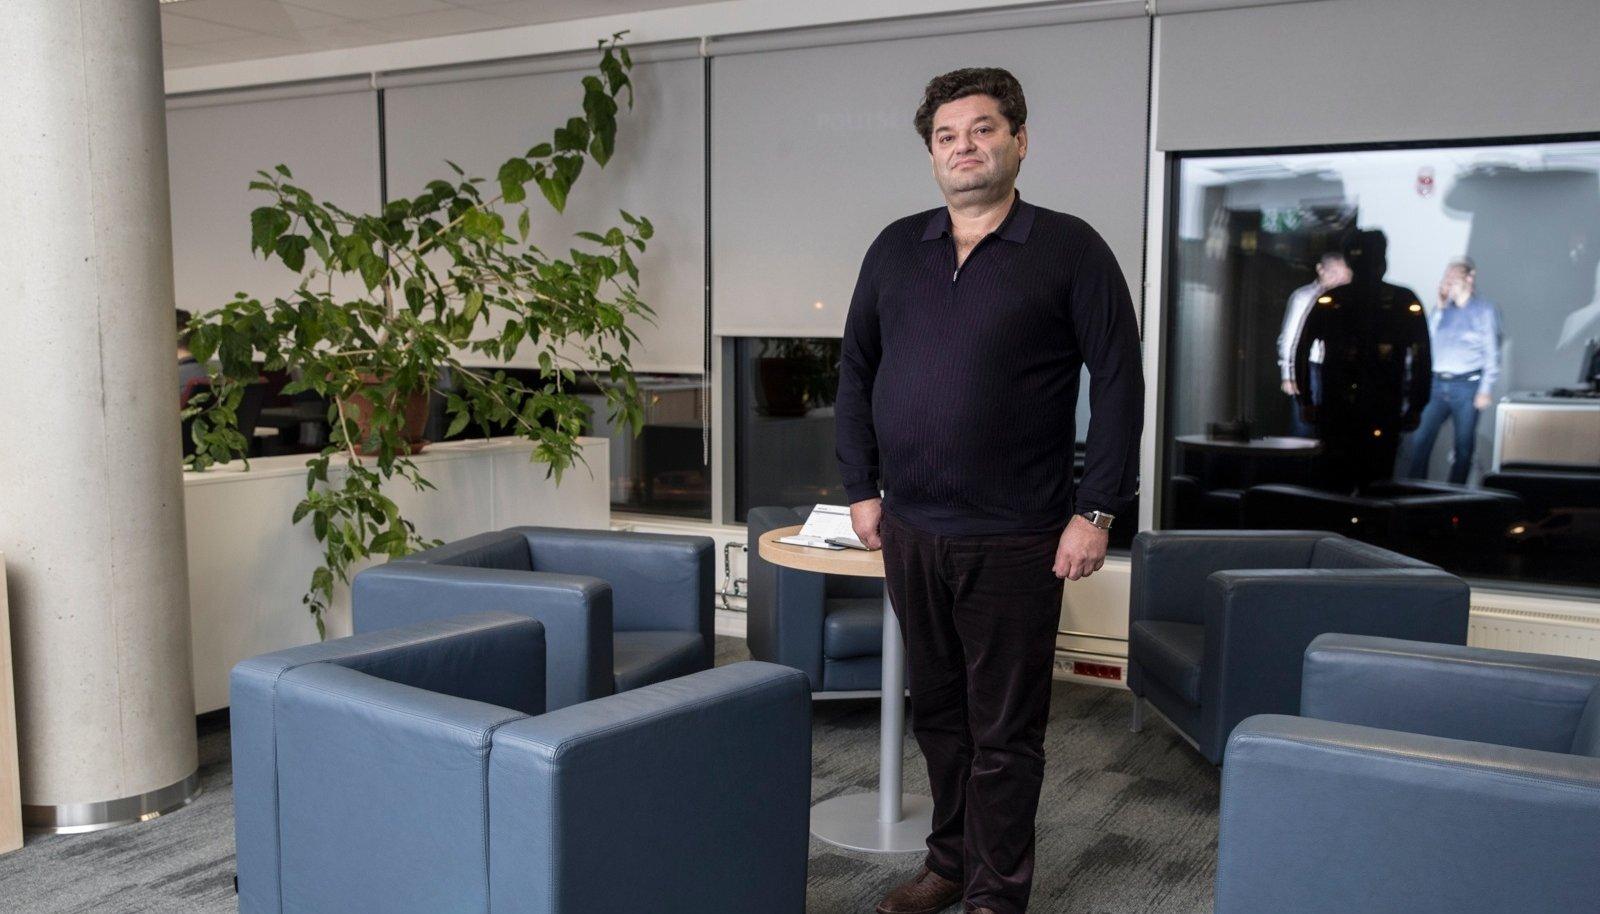 Versobanki suuromanik Vadõm Jermolajev tahab Versobanki uute juhtidega riskantsete mitteresidentidest klientideta kiiremini kasvama panna.